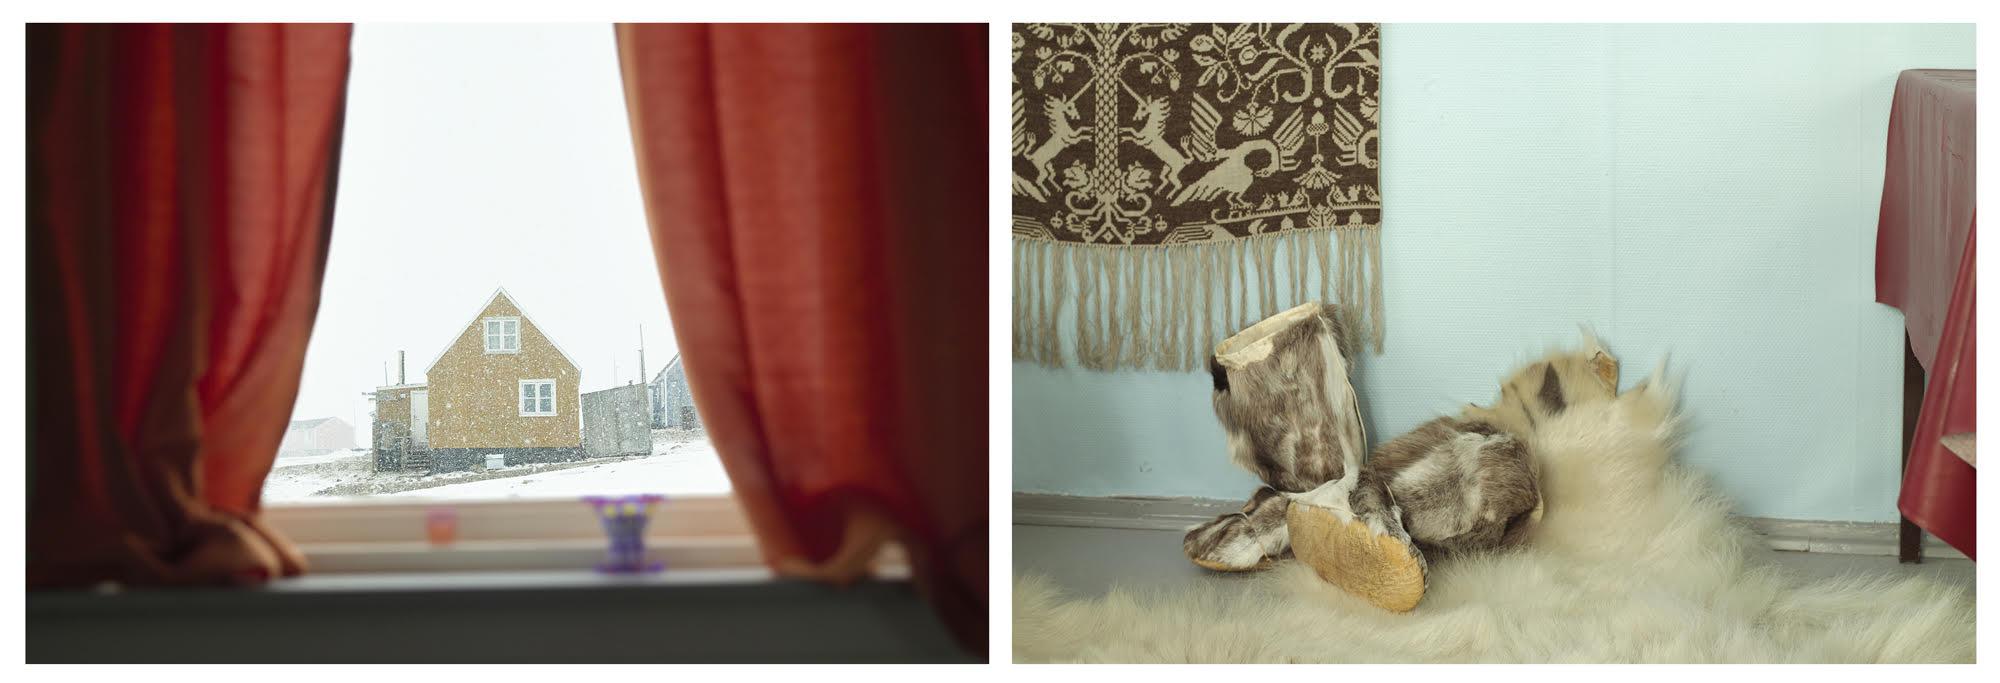 """""""Sila, Window and Polar Bear Rug"""", © Corina Gamma, Untitled, [Snow and reindeer kamiks], Qaanaaq, 2015"""